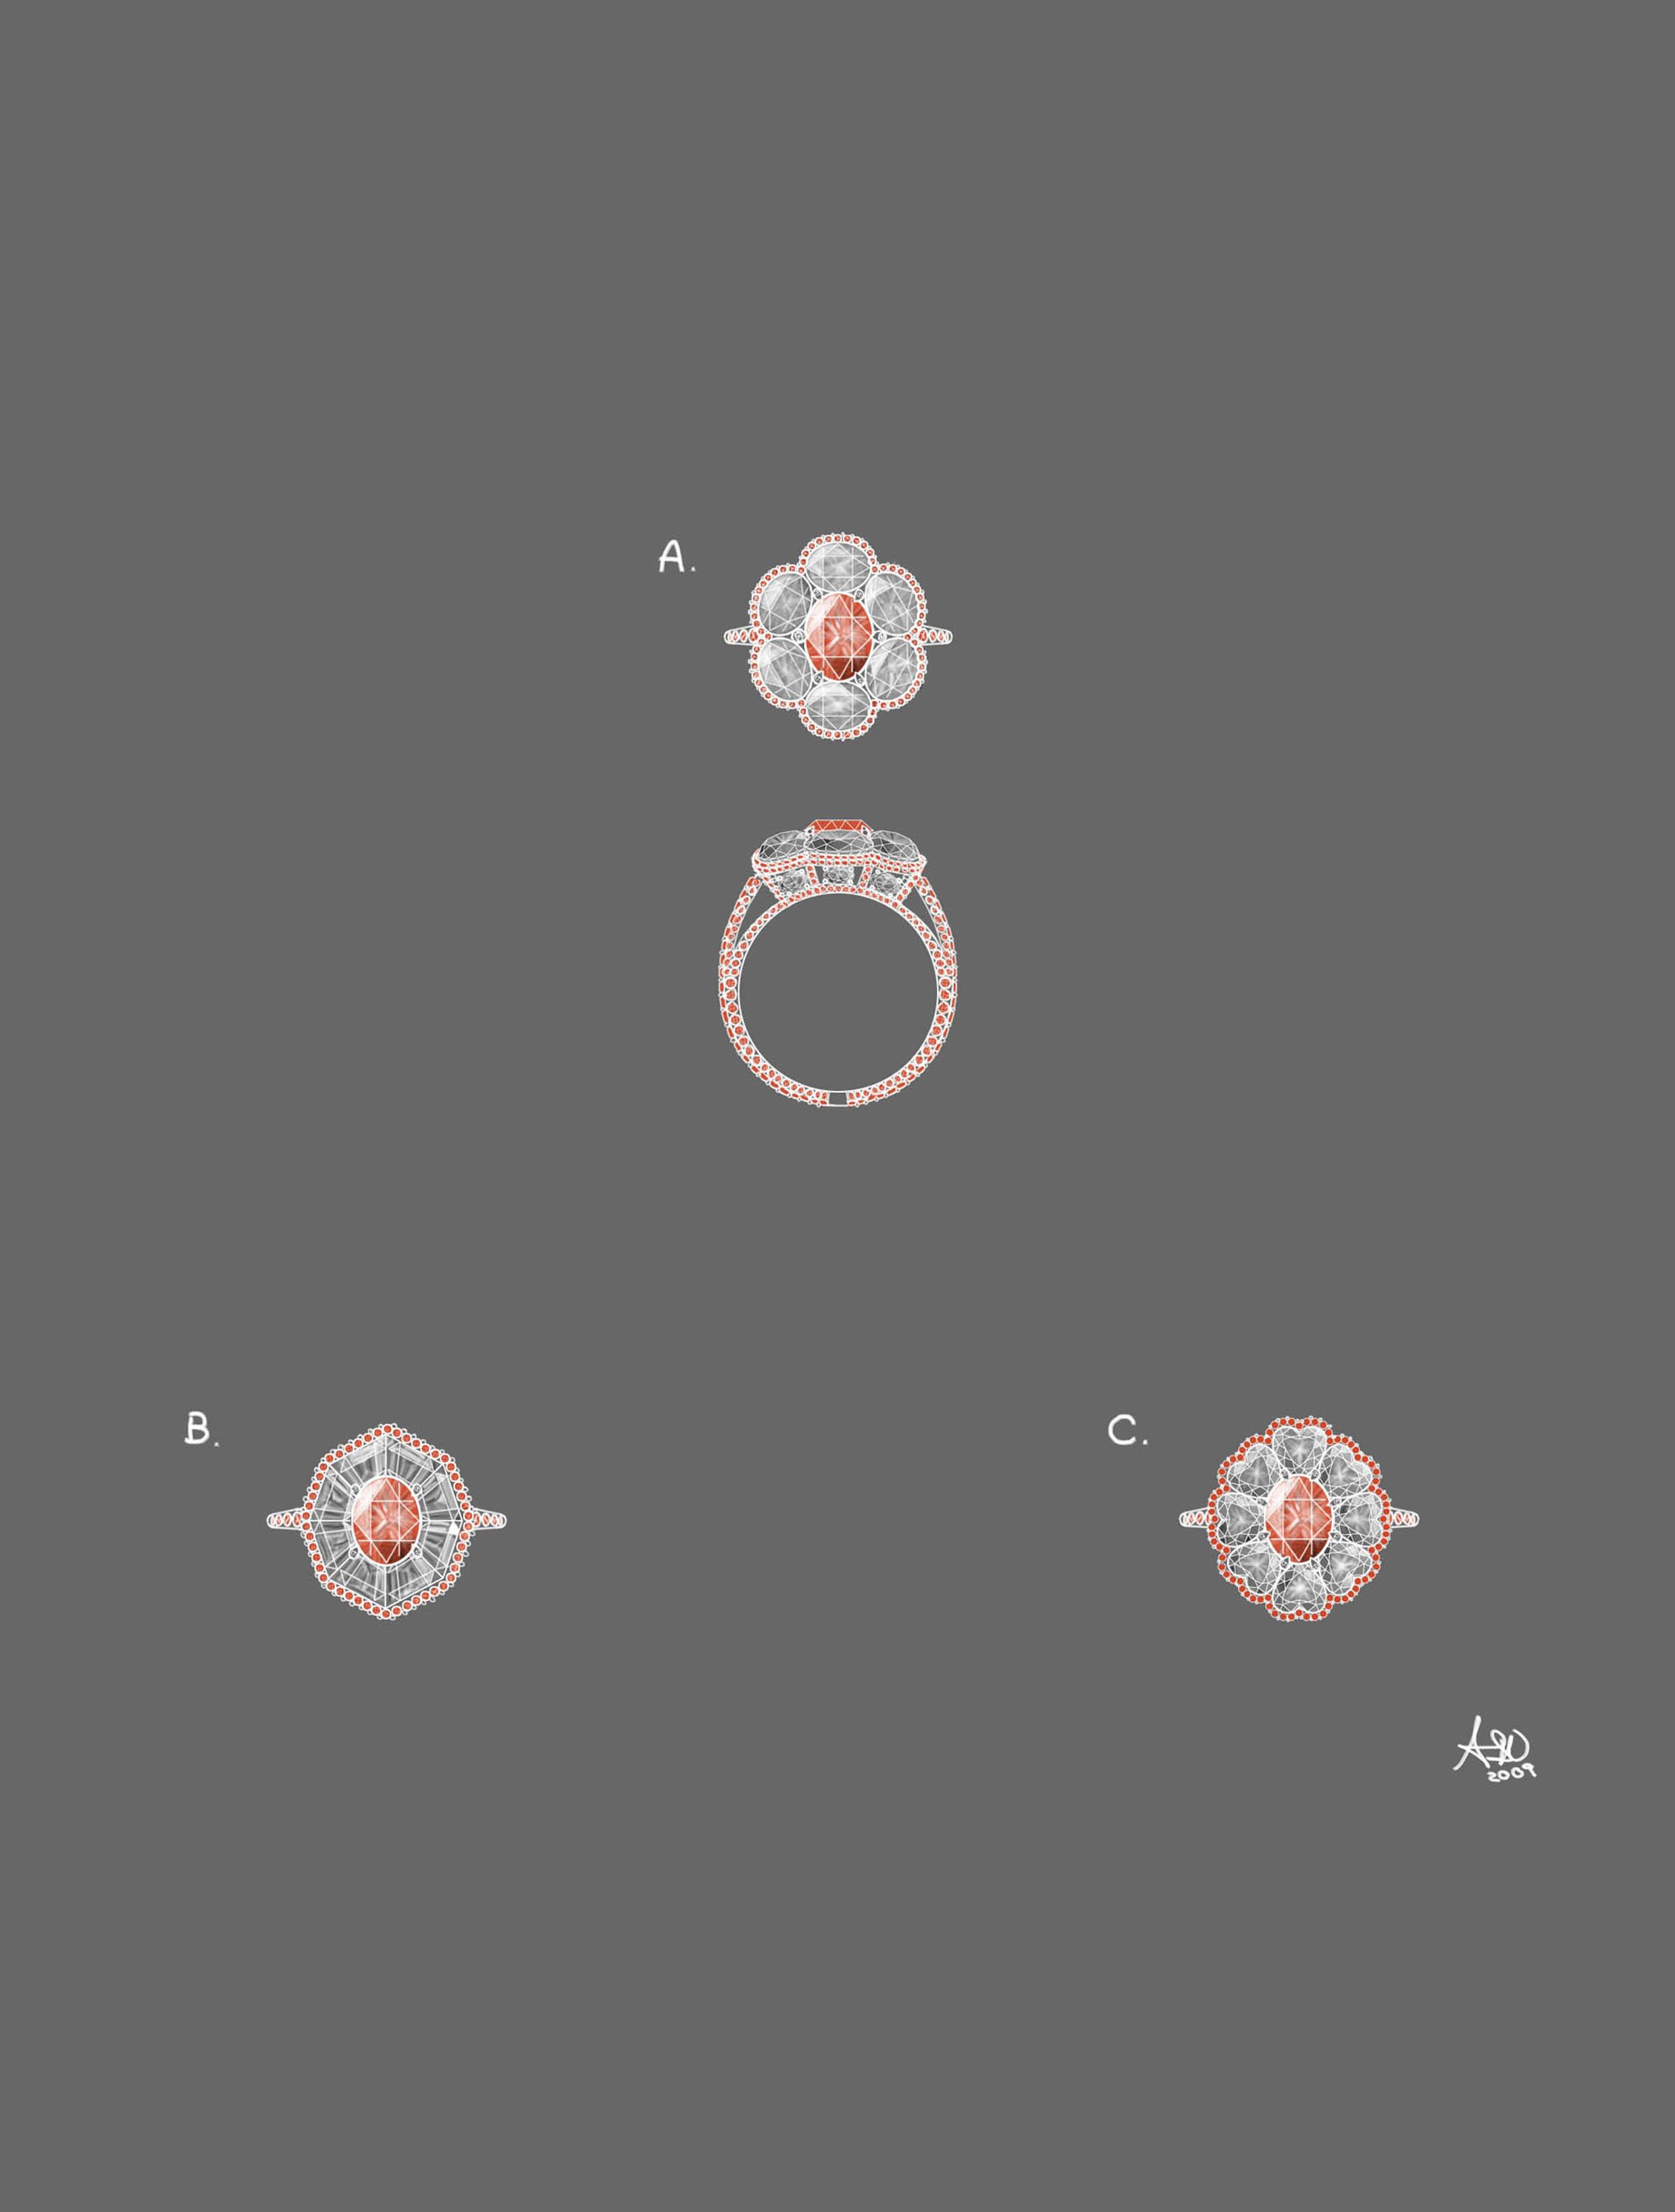 Pink diamond ring design